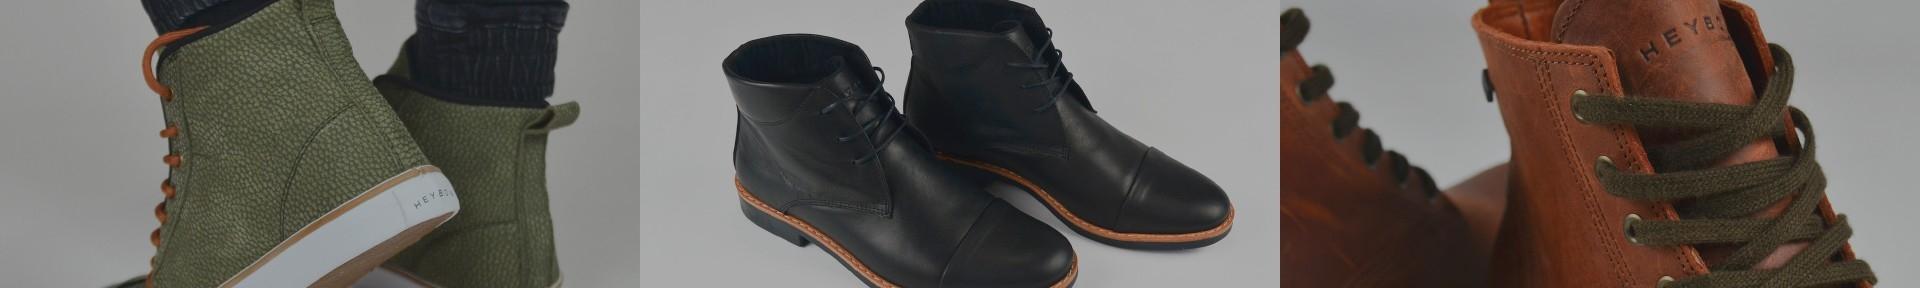 Zapatillas de moda - Heybon